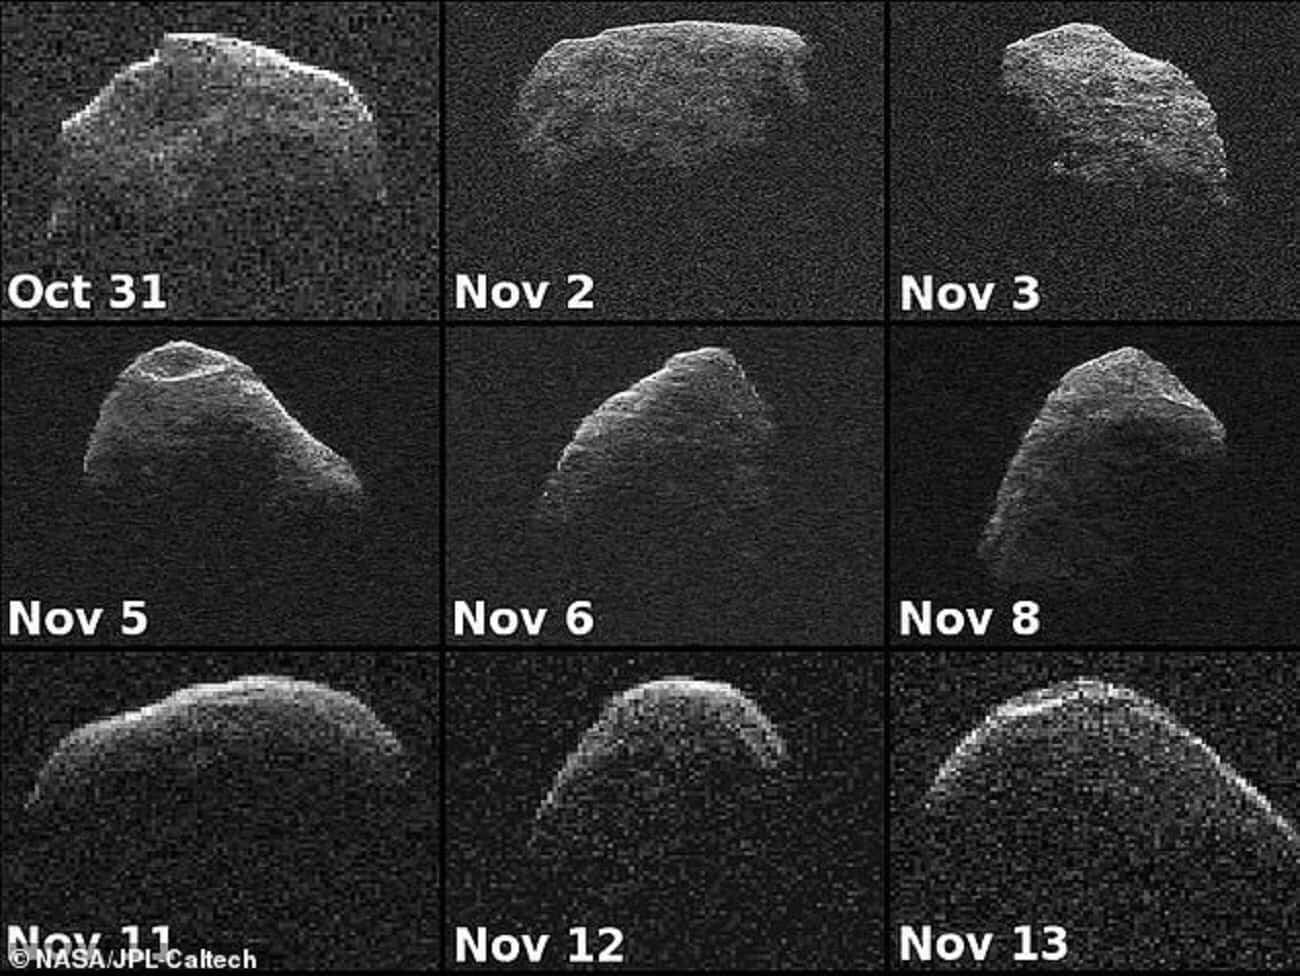 300-metrowa asteroida zmierza w stronę Ziemi. Siła uderzenia może być potężna